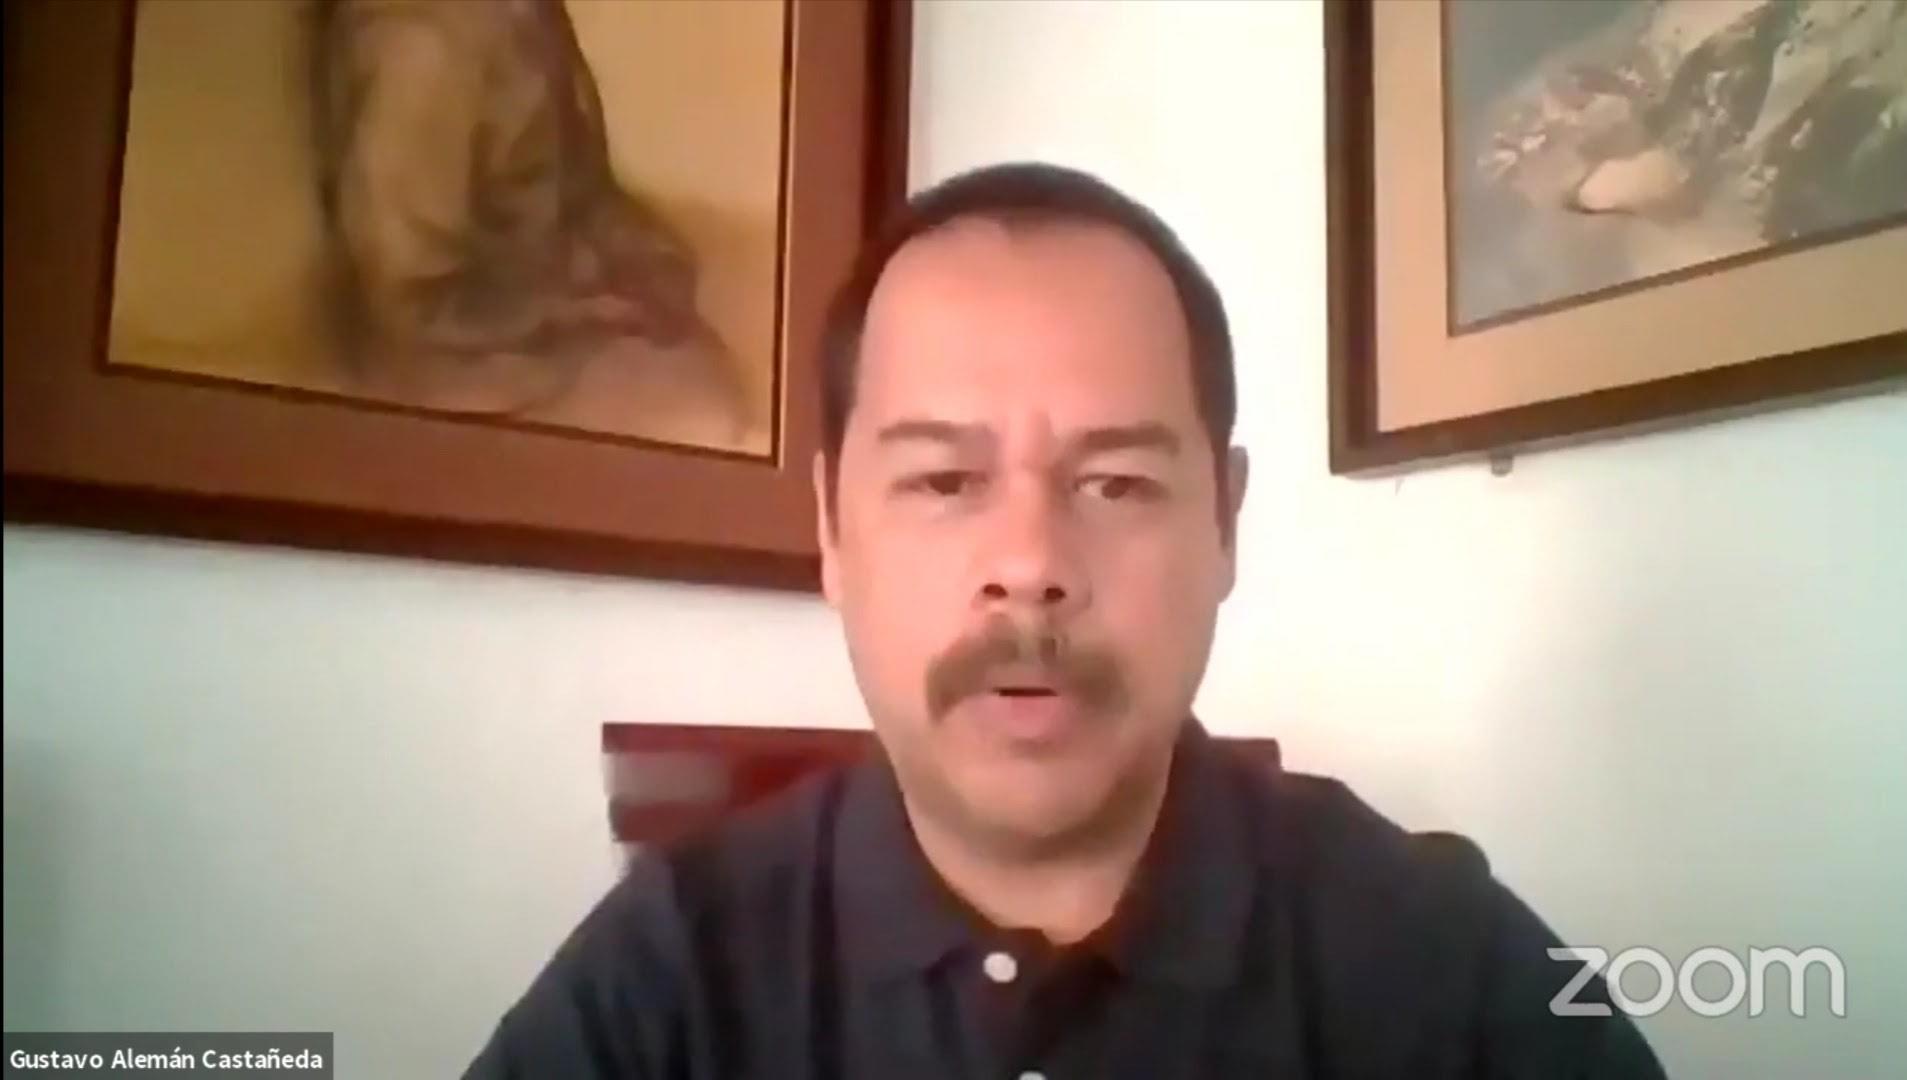 Gustavo Alemán Castañeda, restaurador de bienes muebles y especialista en pintura mural